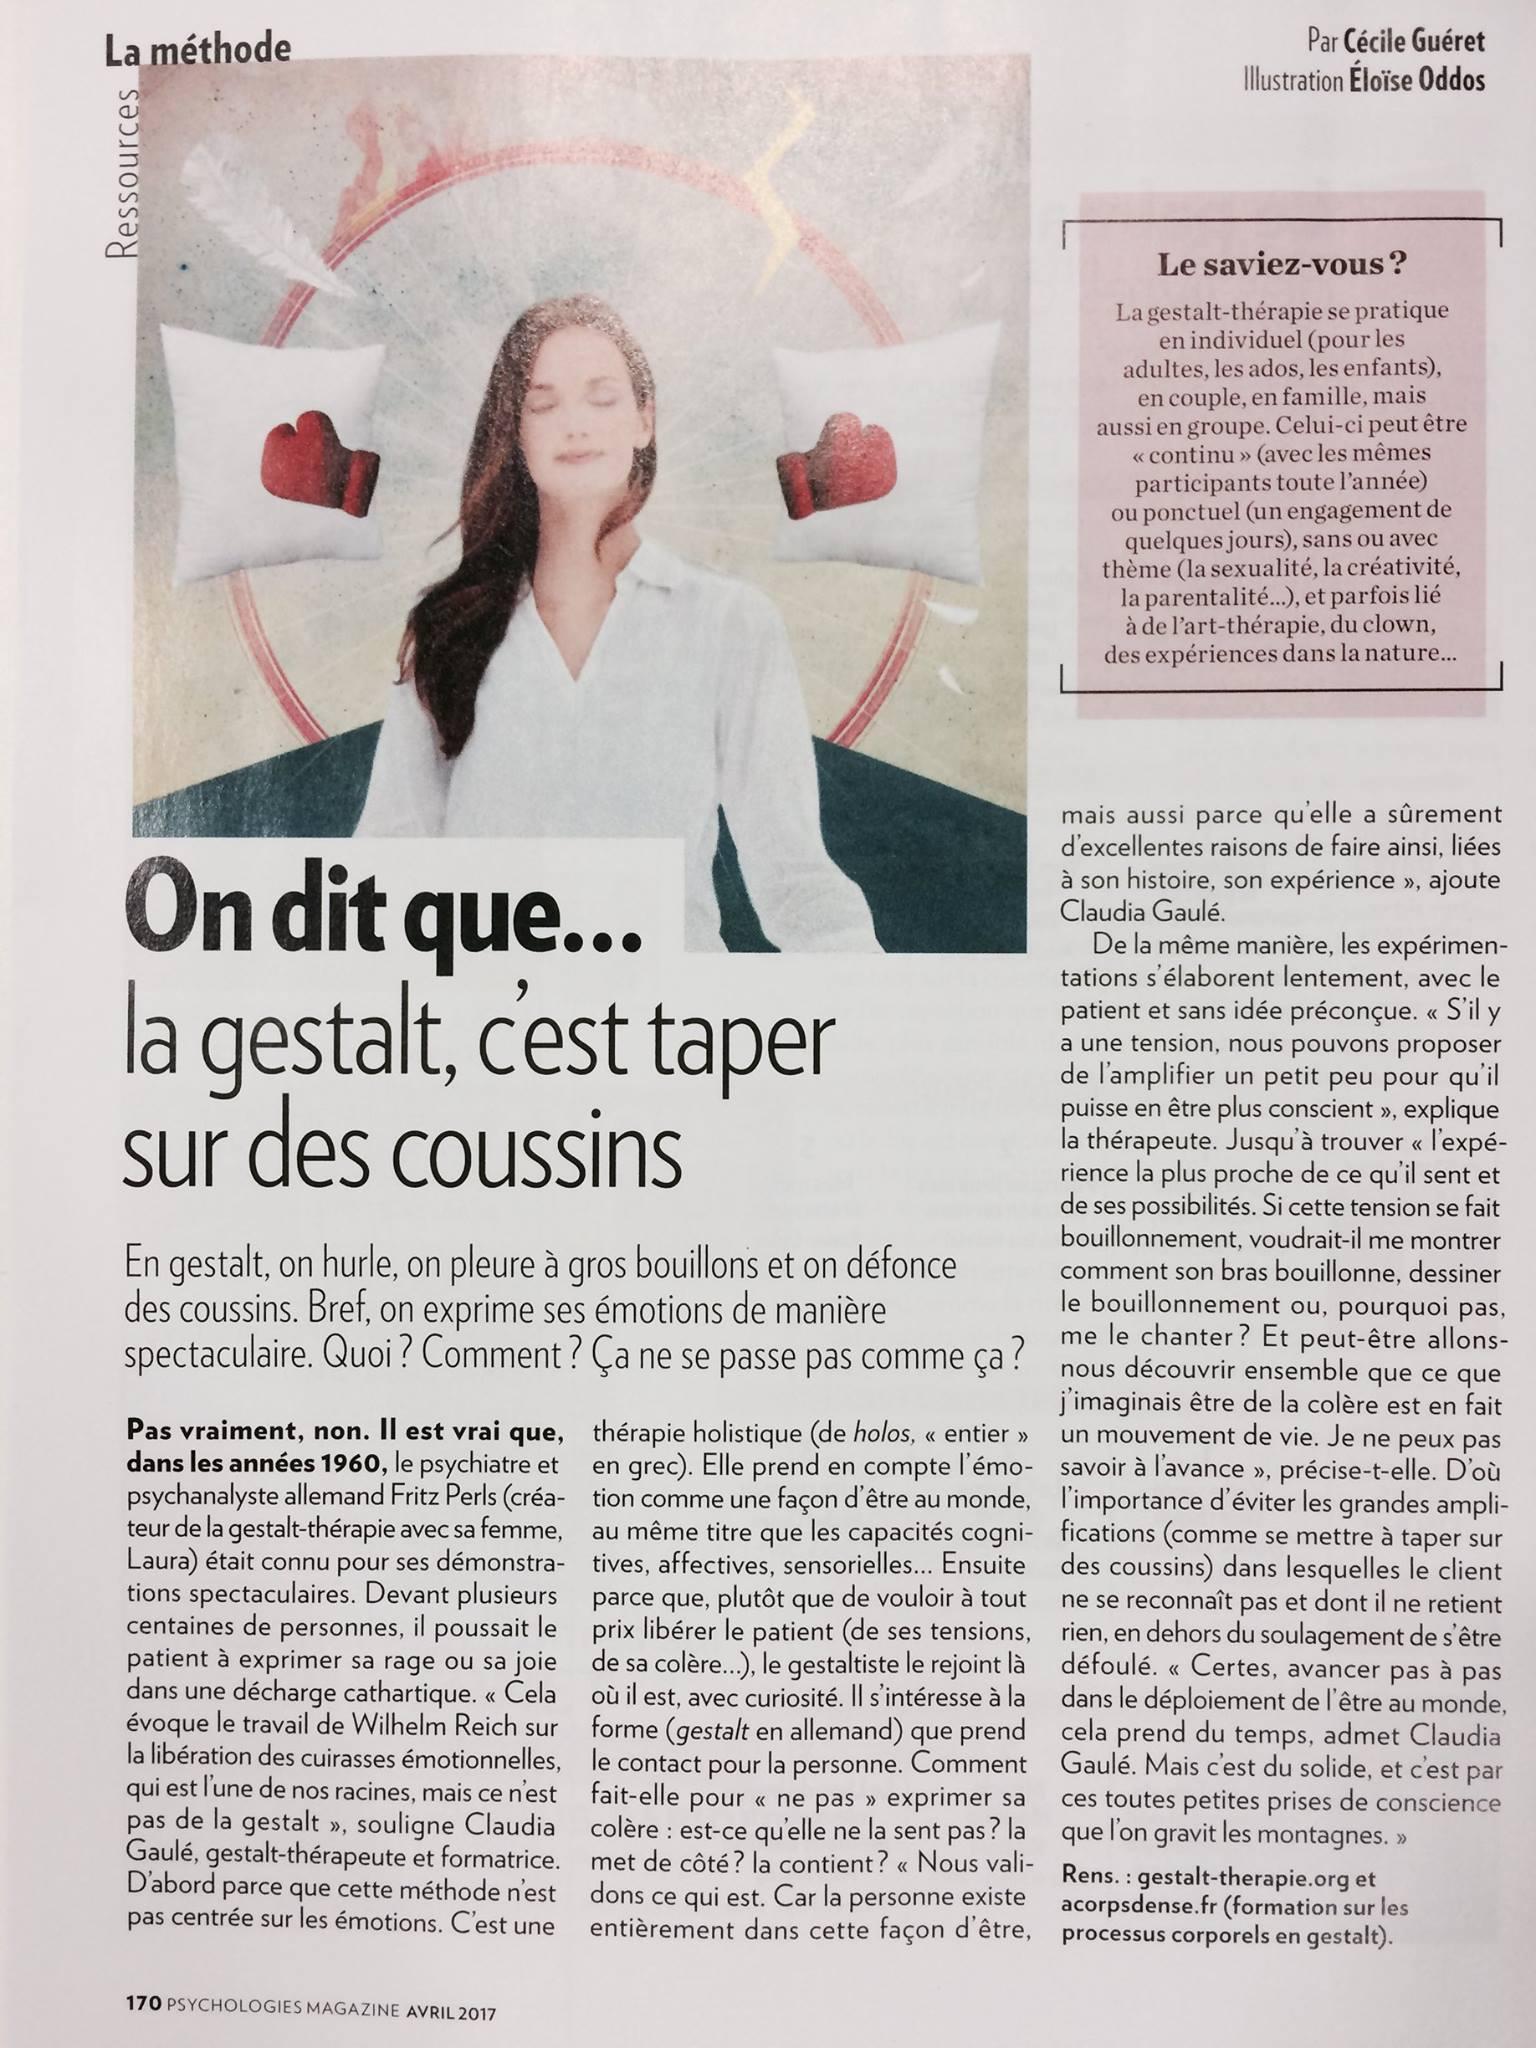 Article GT - Céccile Guéret